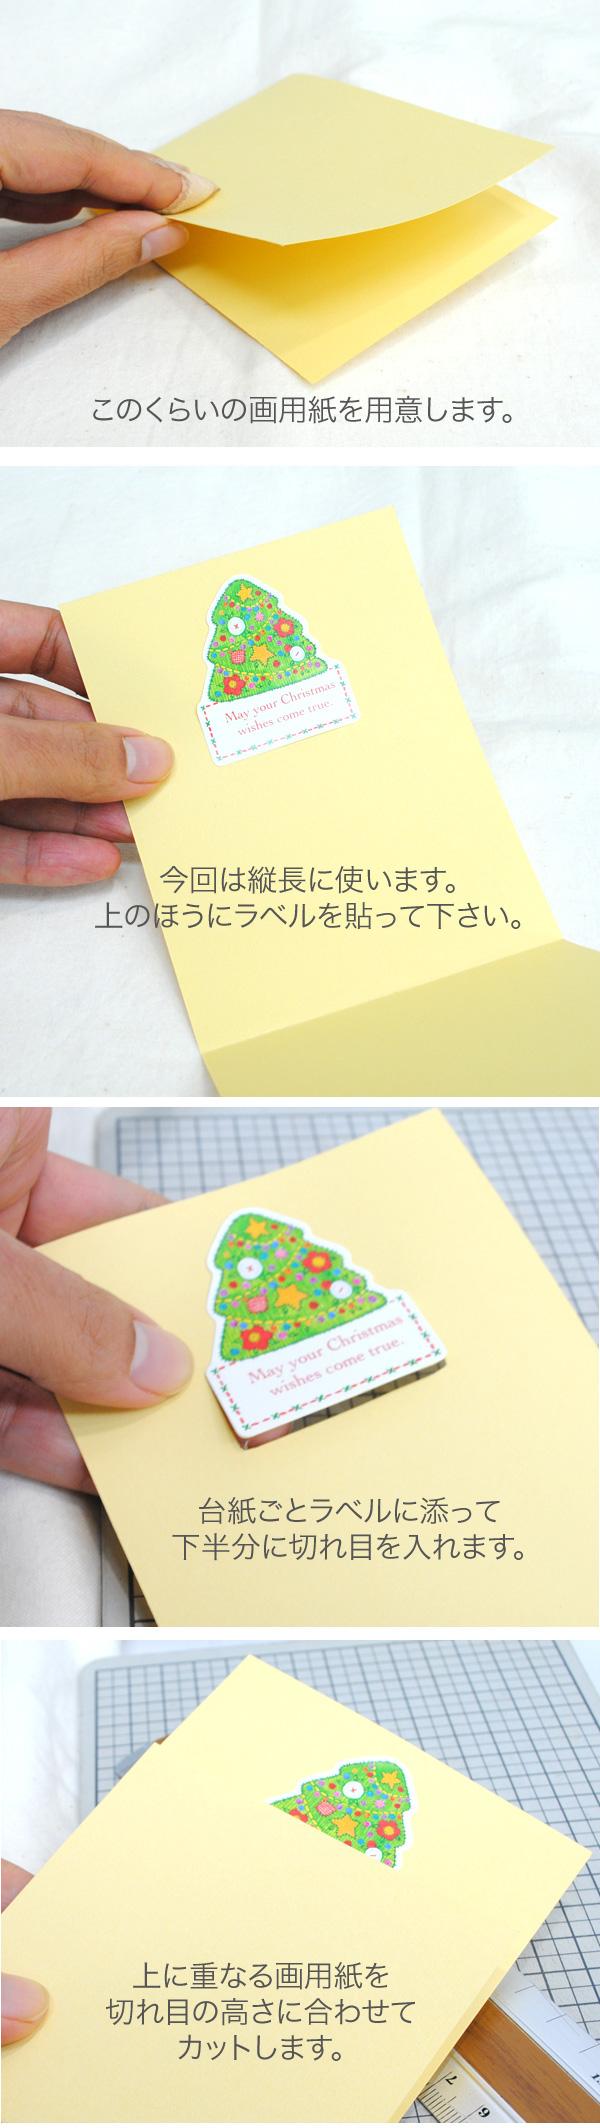 全員プレゼントを使って_d0225198_2165325.jpg